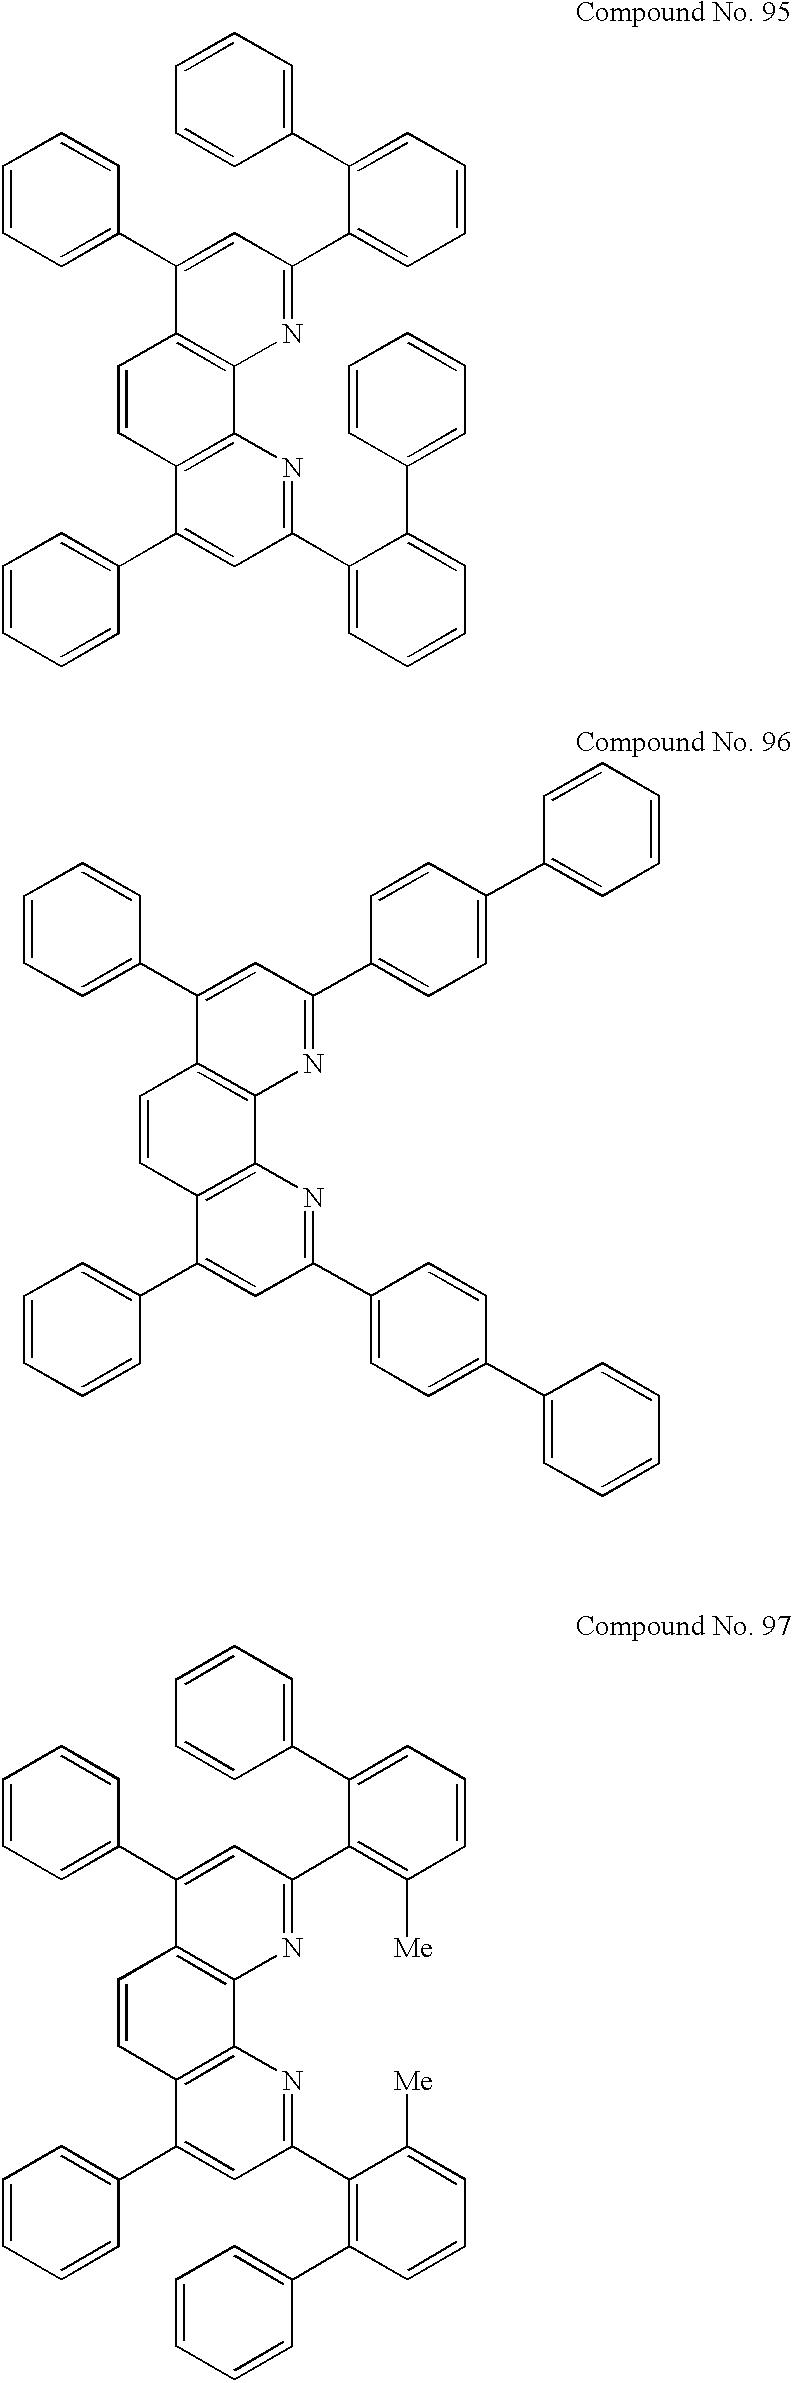 Figure US06524728-20030225-C00028